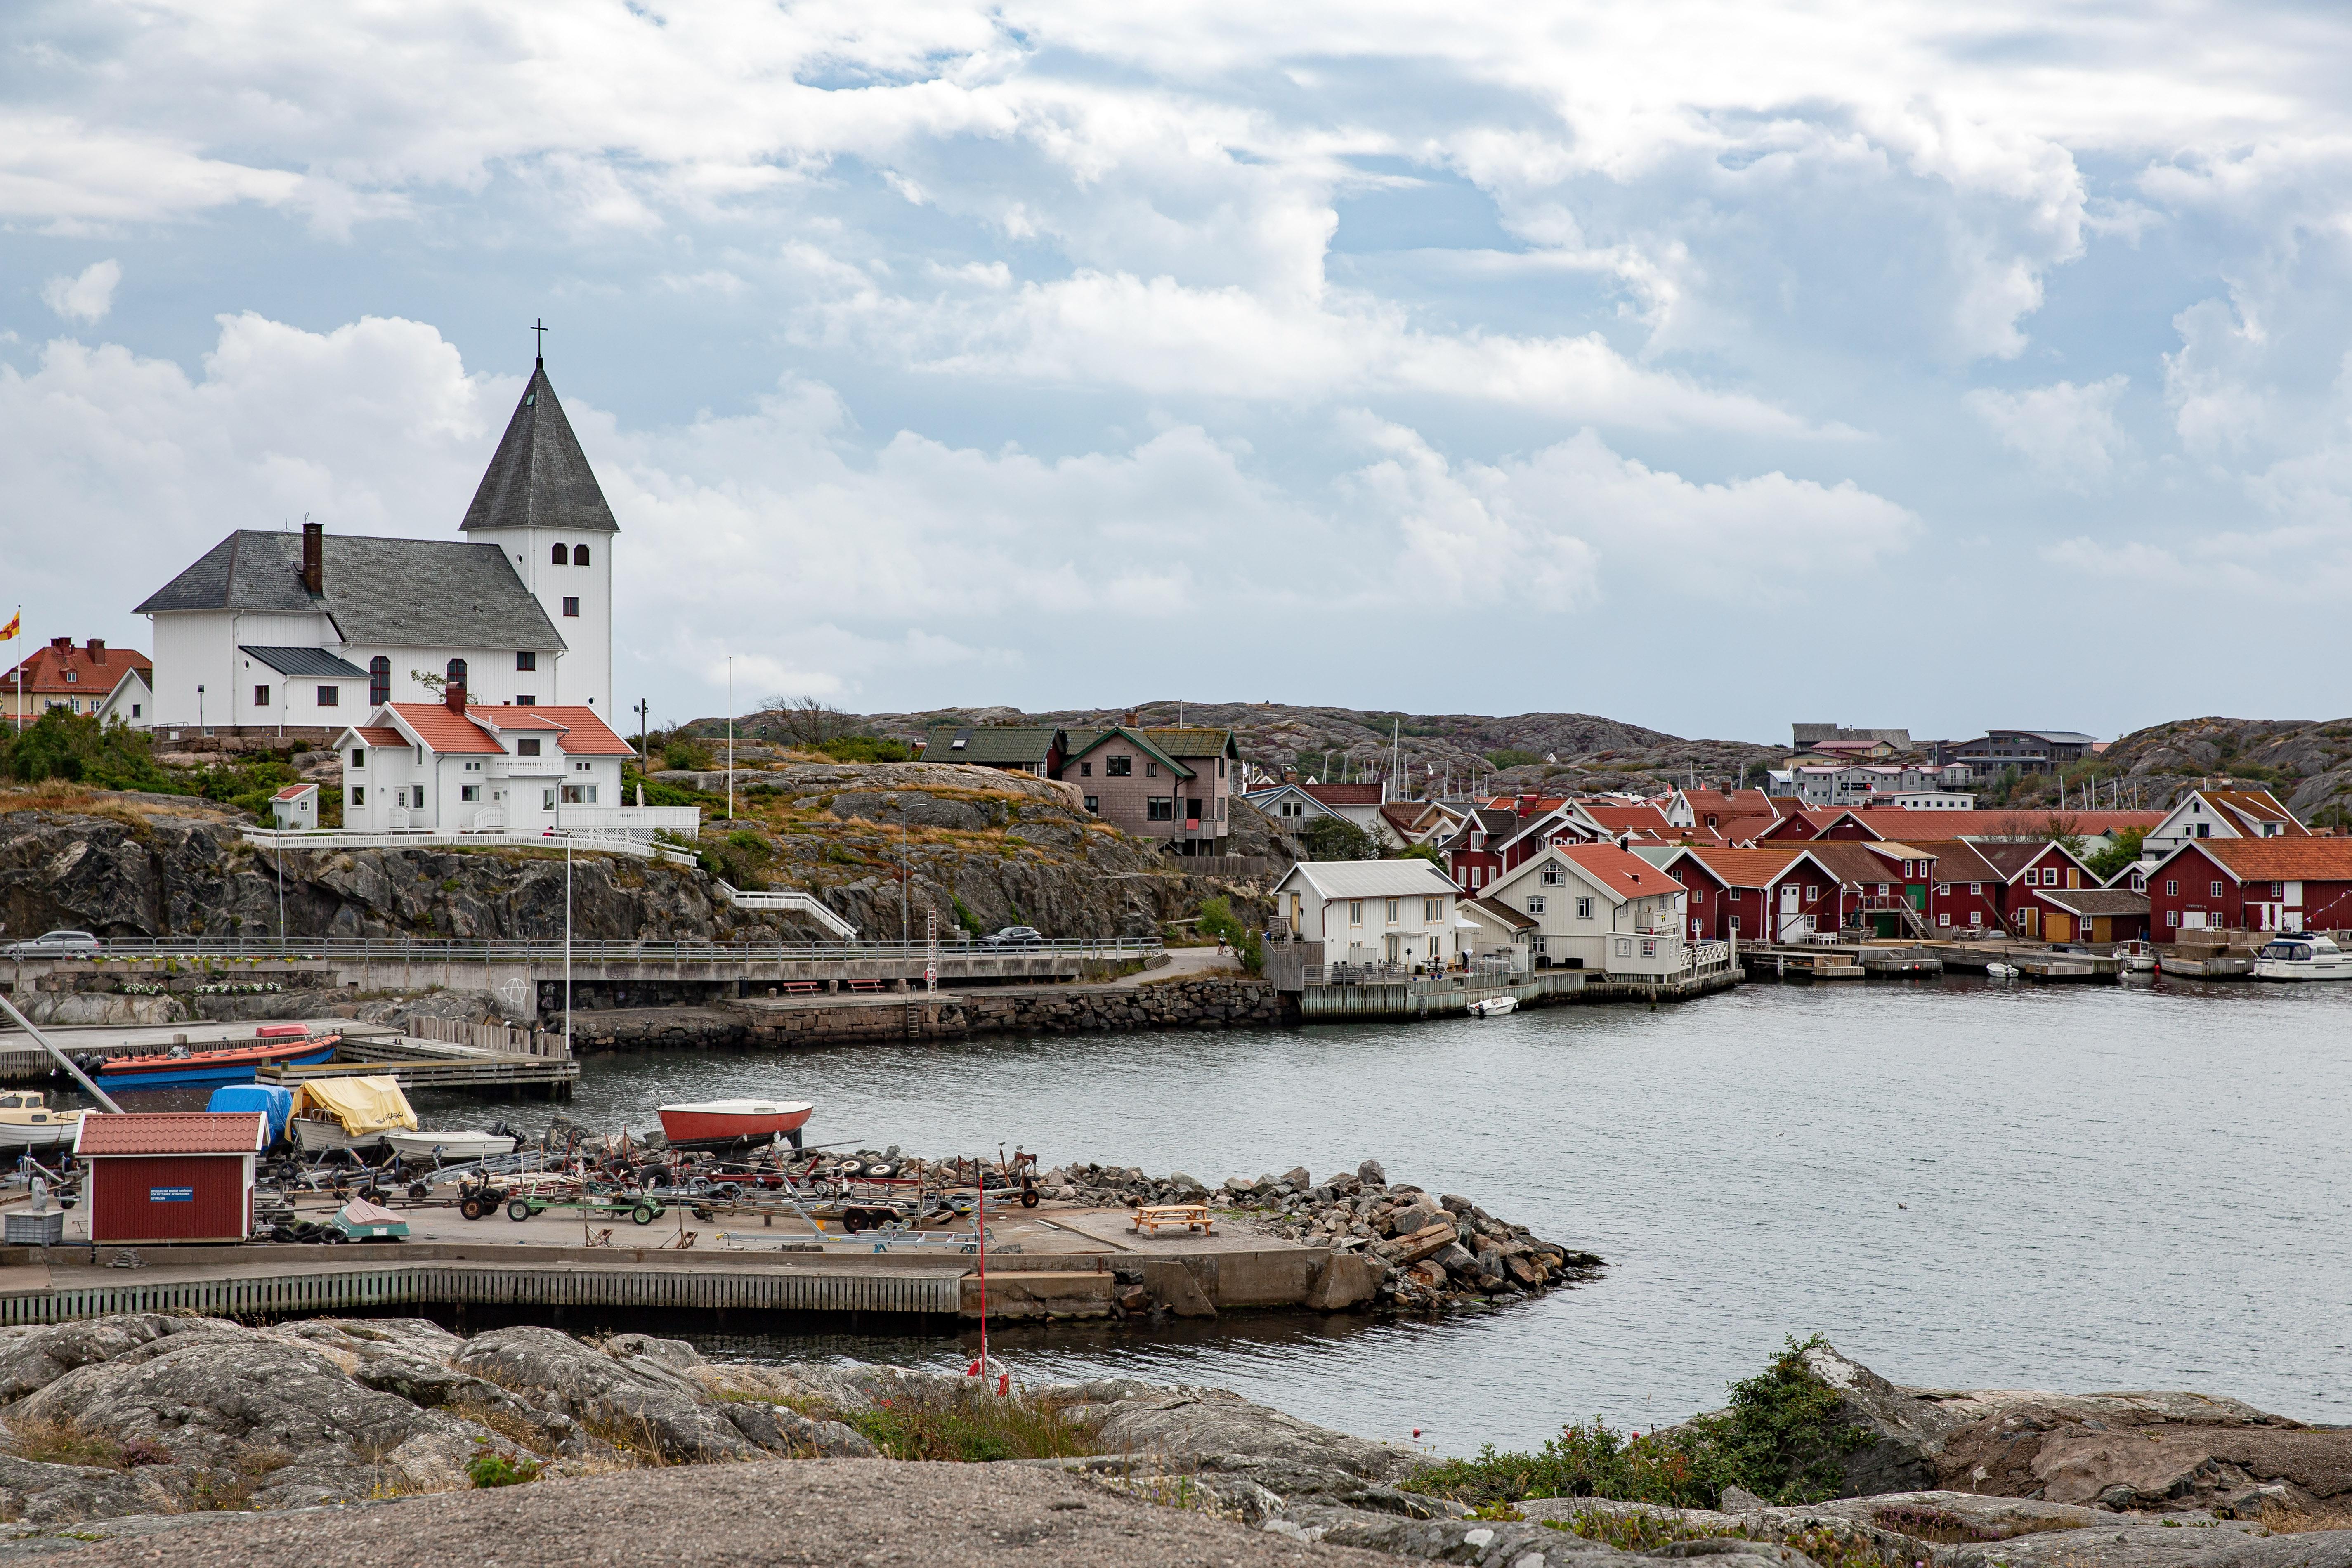 Chatta och dejta online i Skrhamn | Trffa kvinnor och mn i